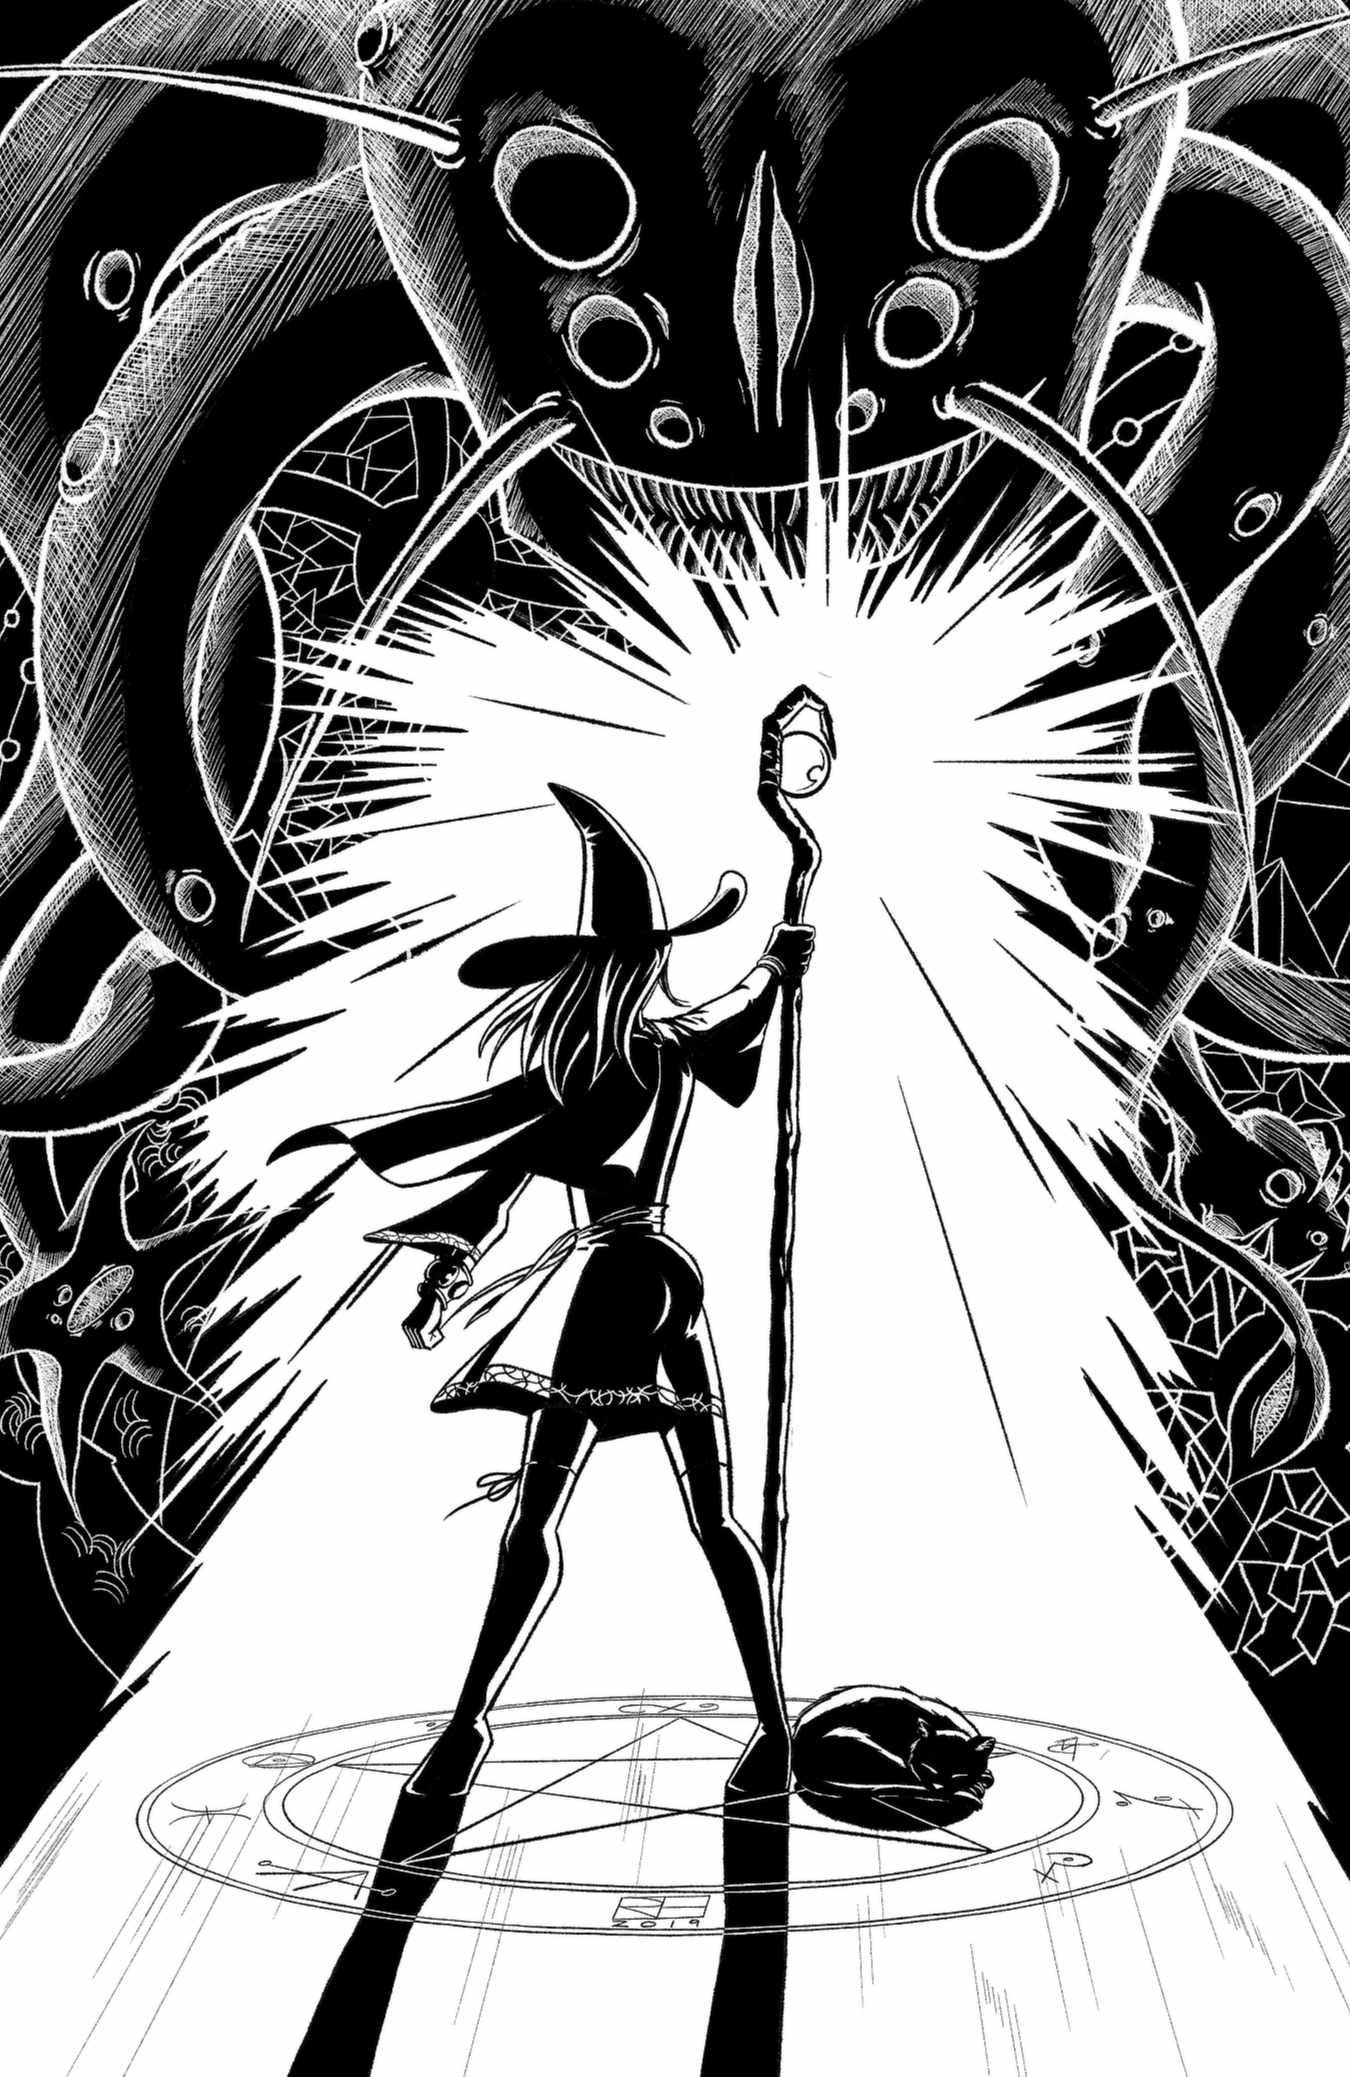 Inktober 2018 - spell (version 2)